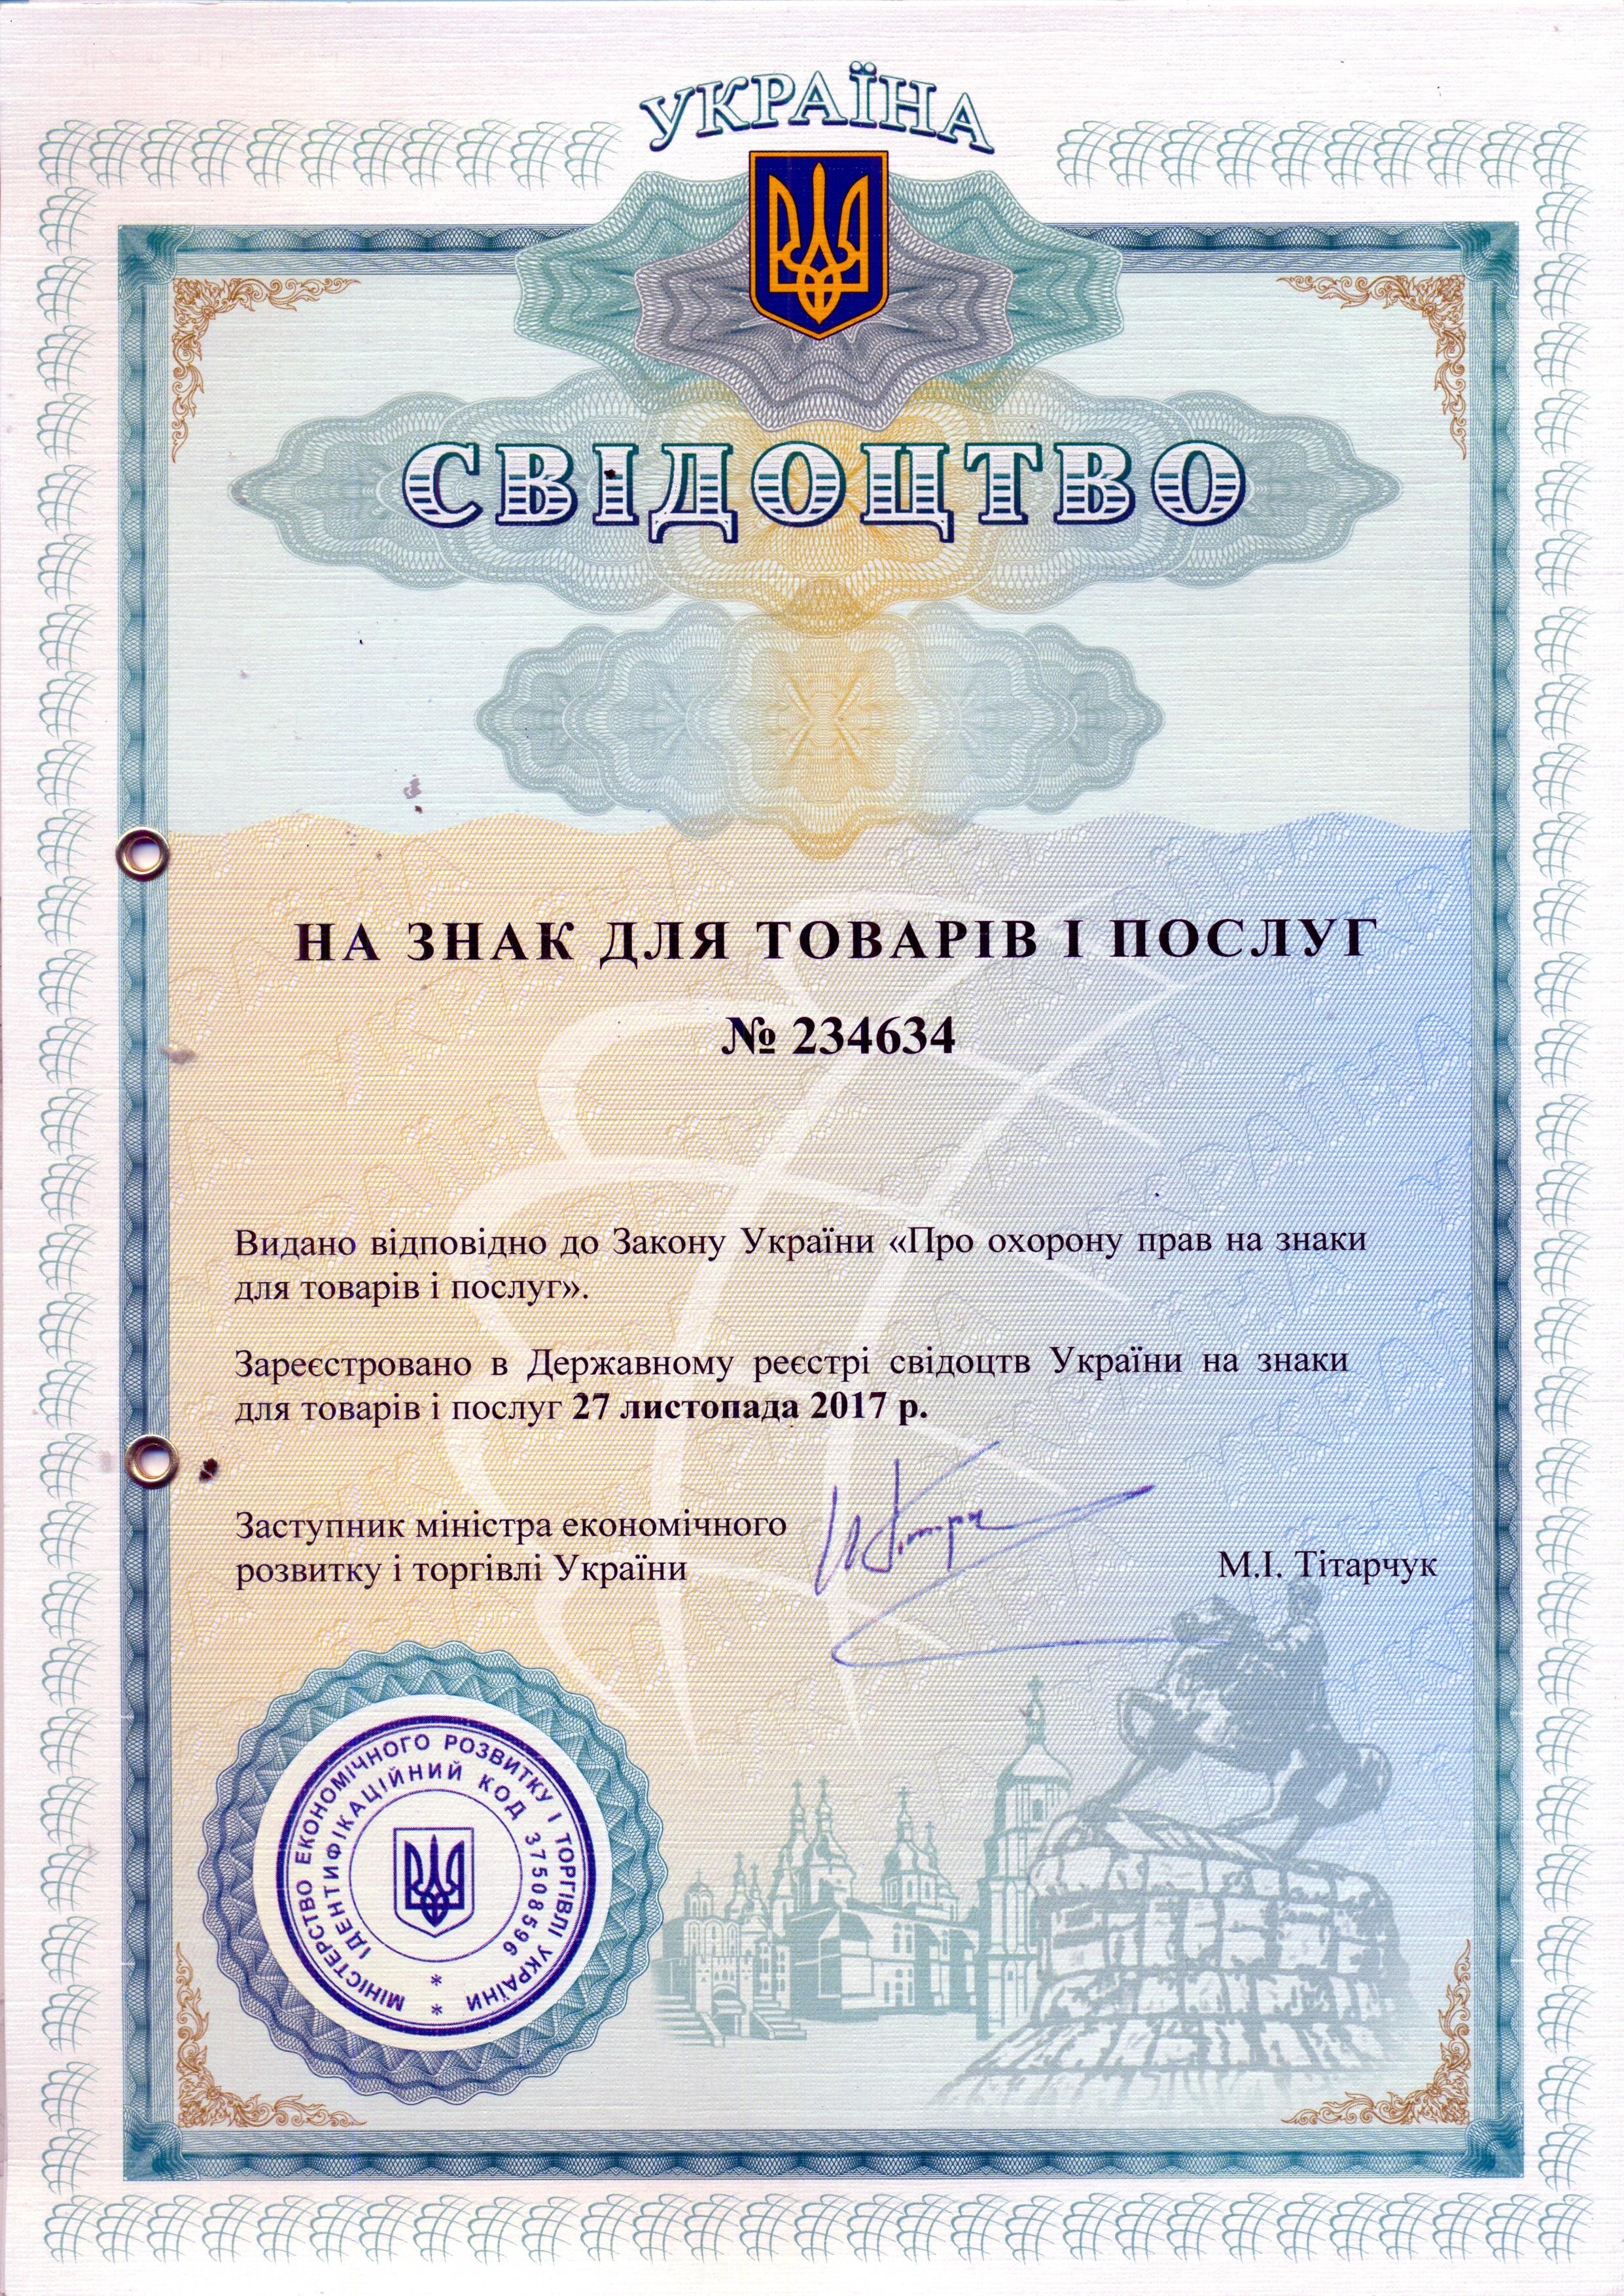 Фото 2. - Свідоцтво України на знак для товарів і послуг